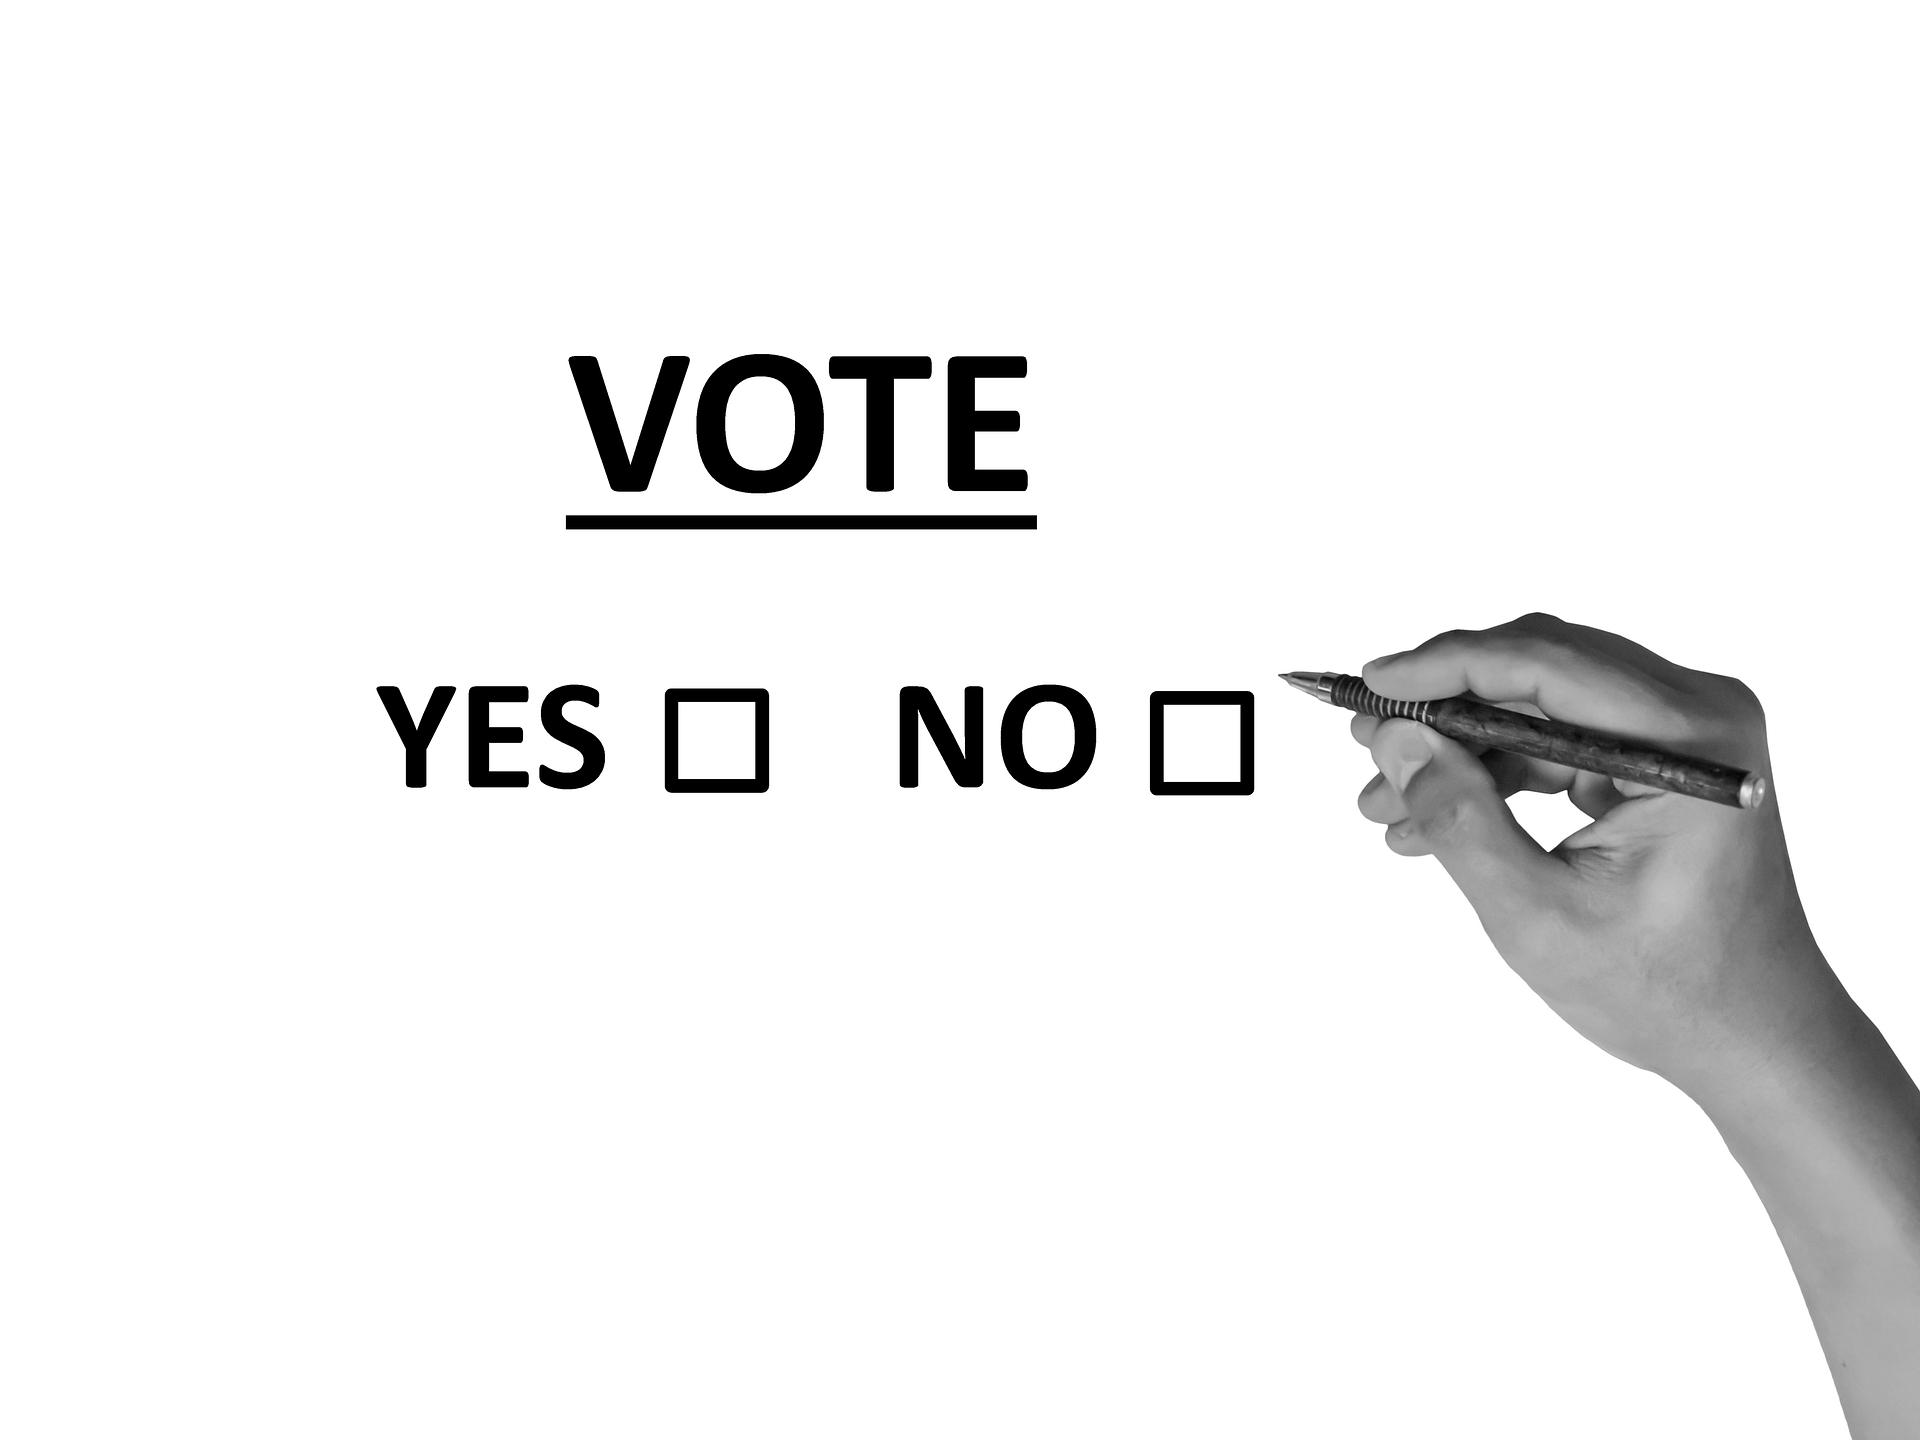 vote-2042580_1920.png